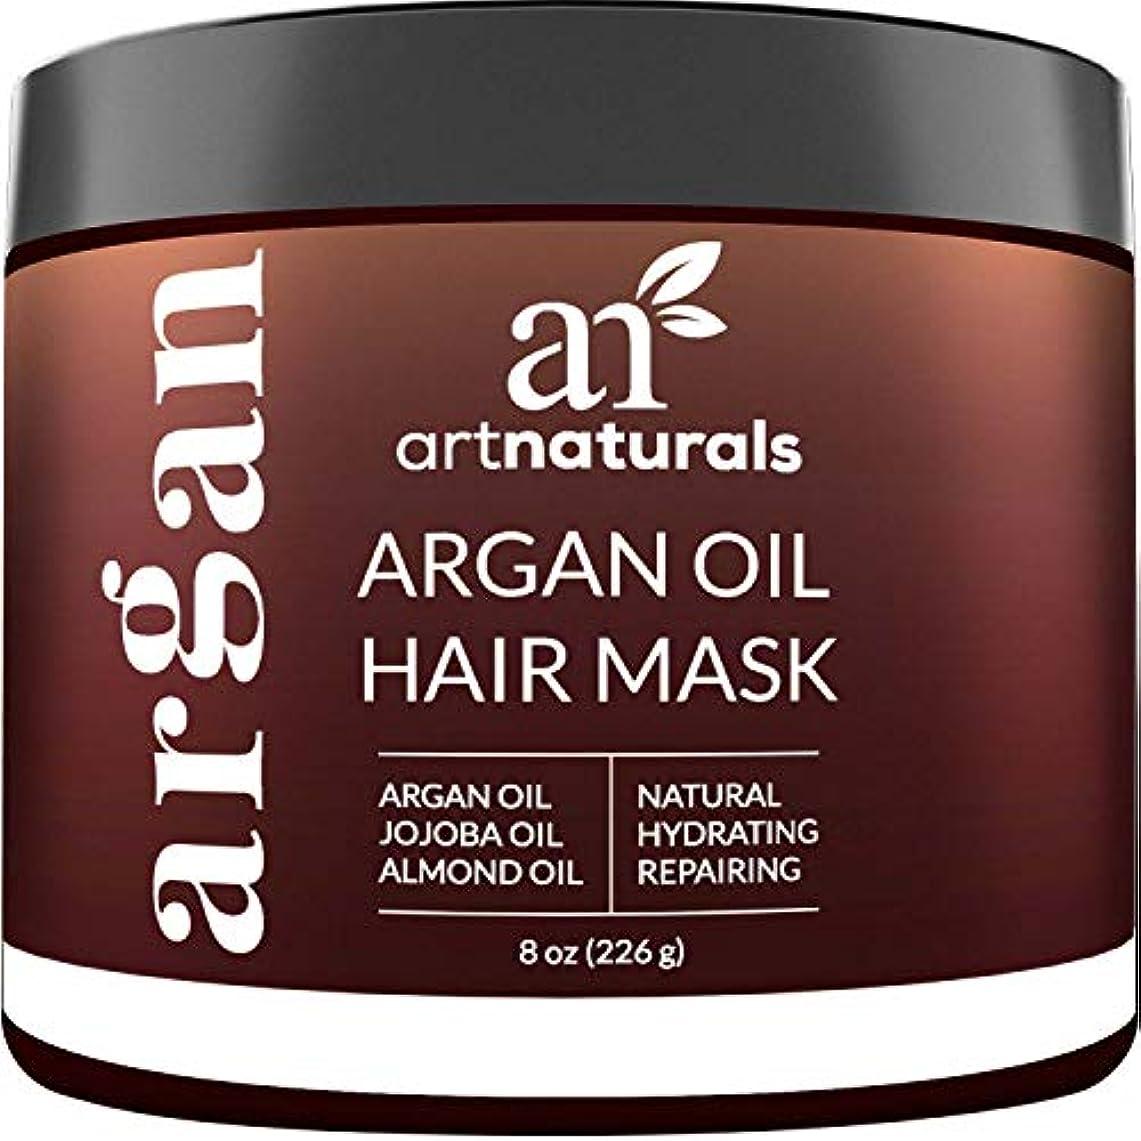 シュリンクマート回復するArtnaturals アルガンオイルヘアマスク 226g [並行輸入品]